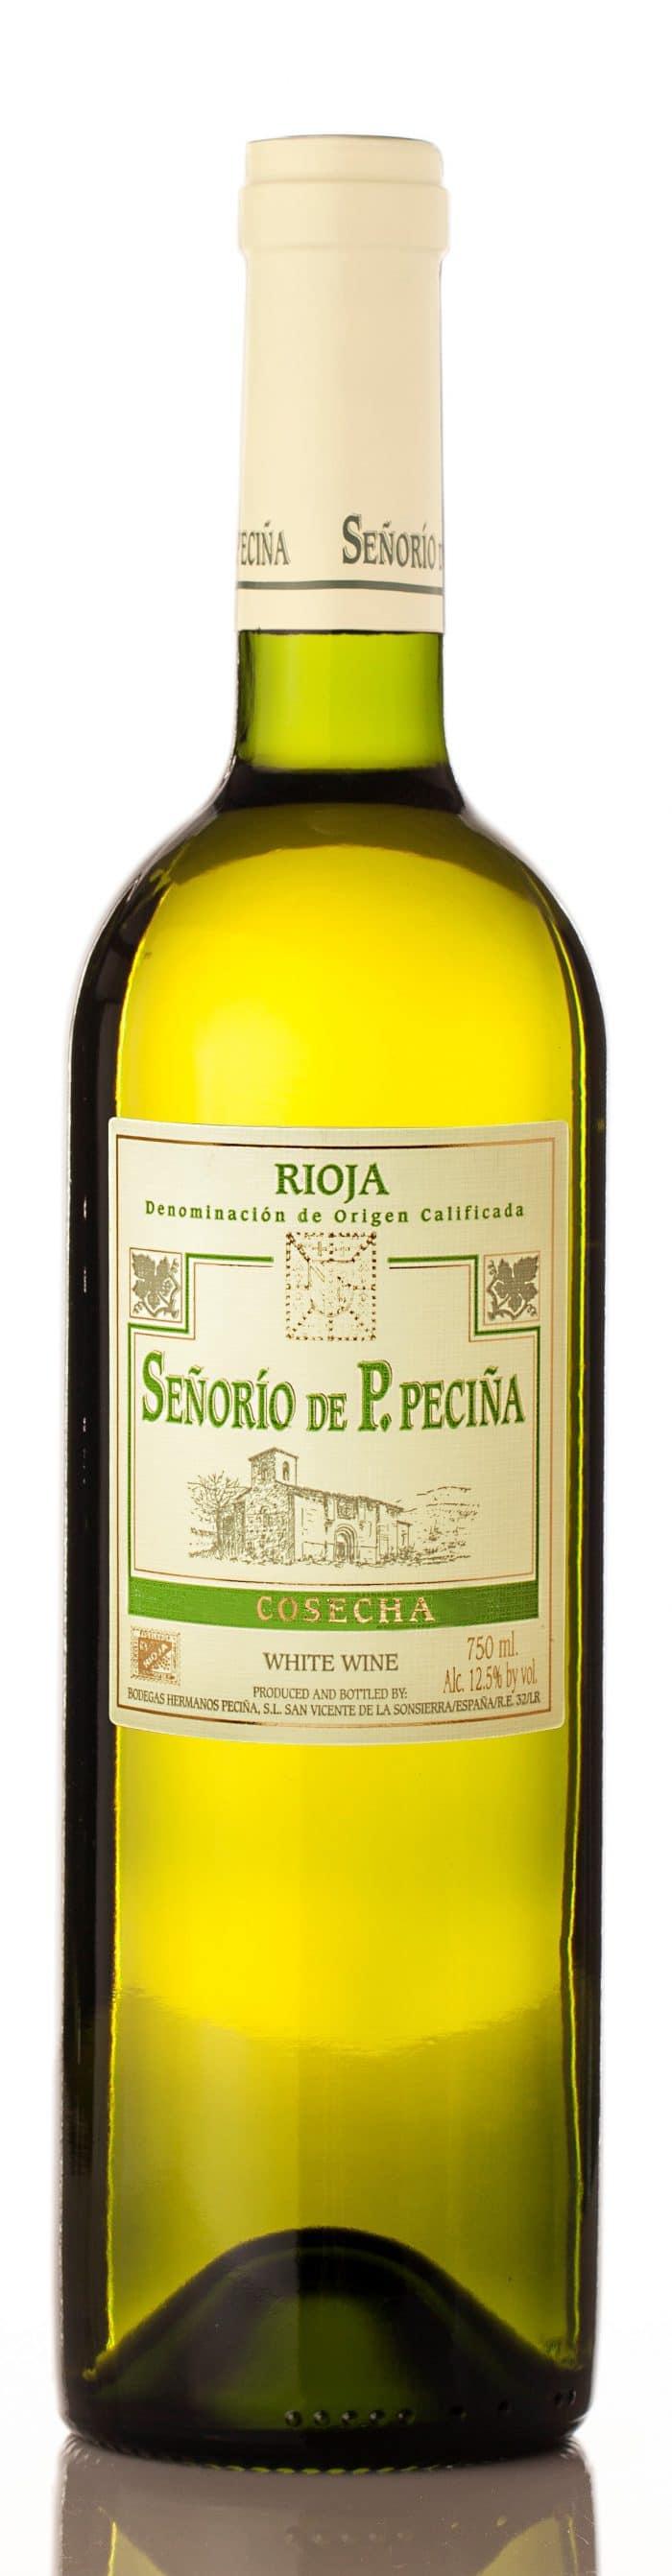 Hermanos P. de Peciña Blanco Rioja | Spanje | gemaakt van de druif: Viura